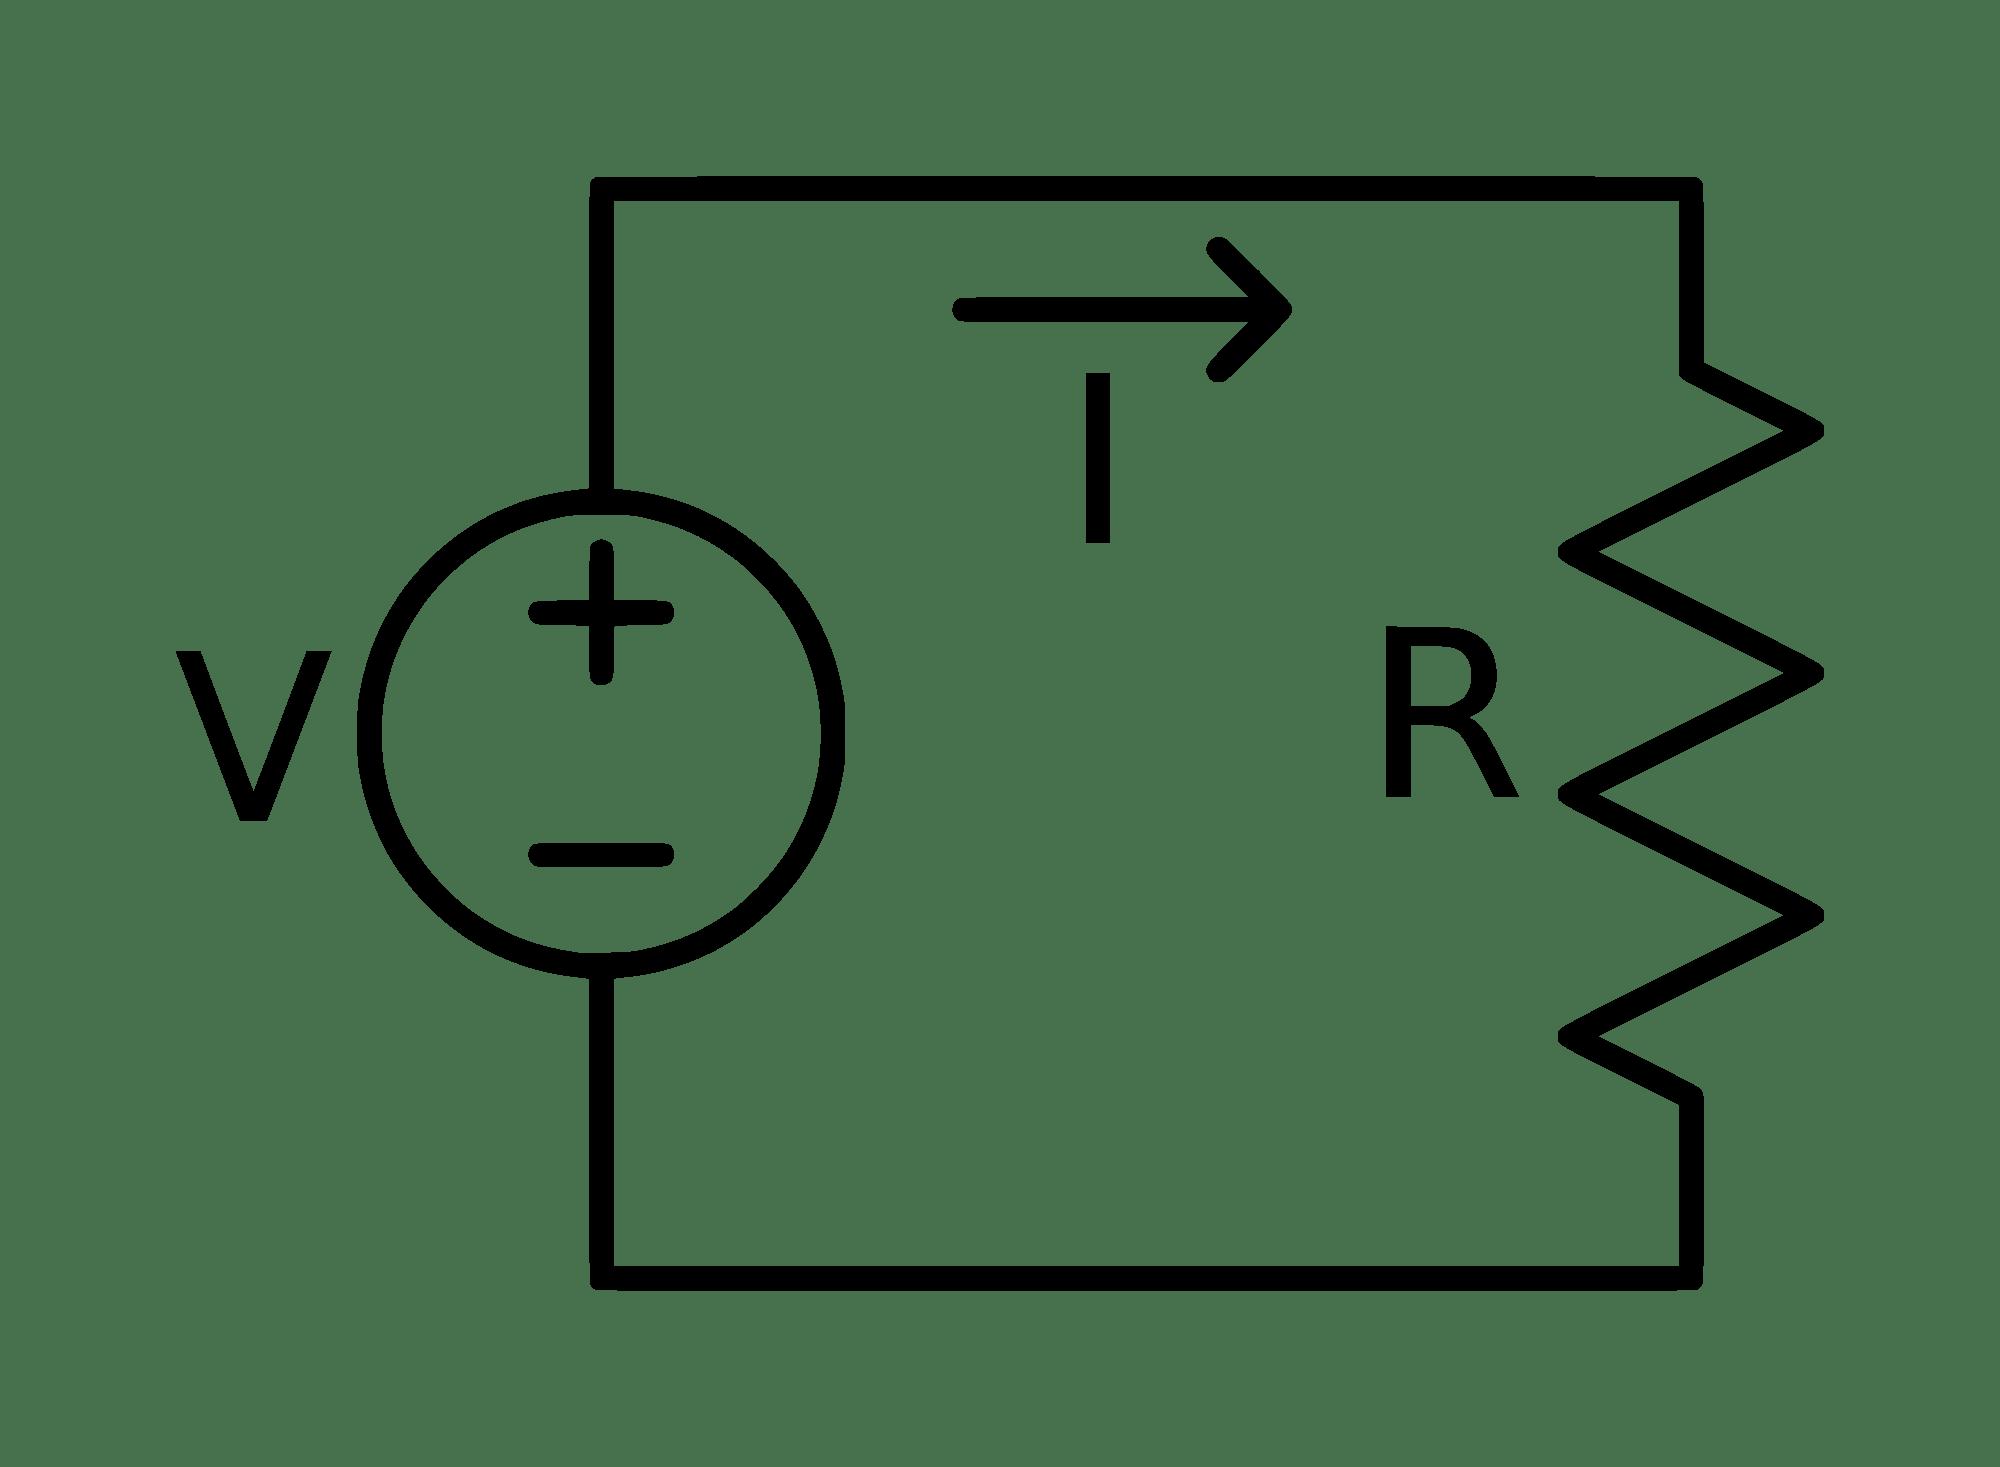 Alternating Current Symbol